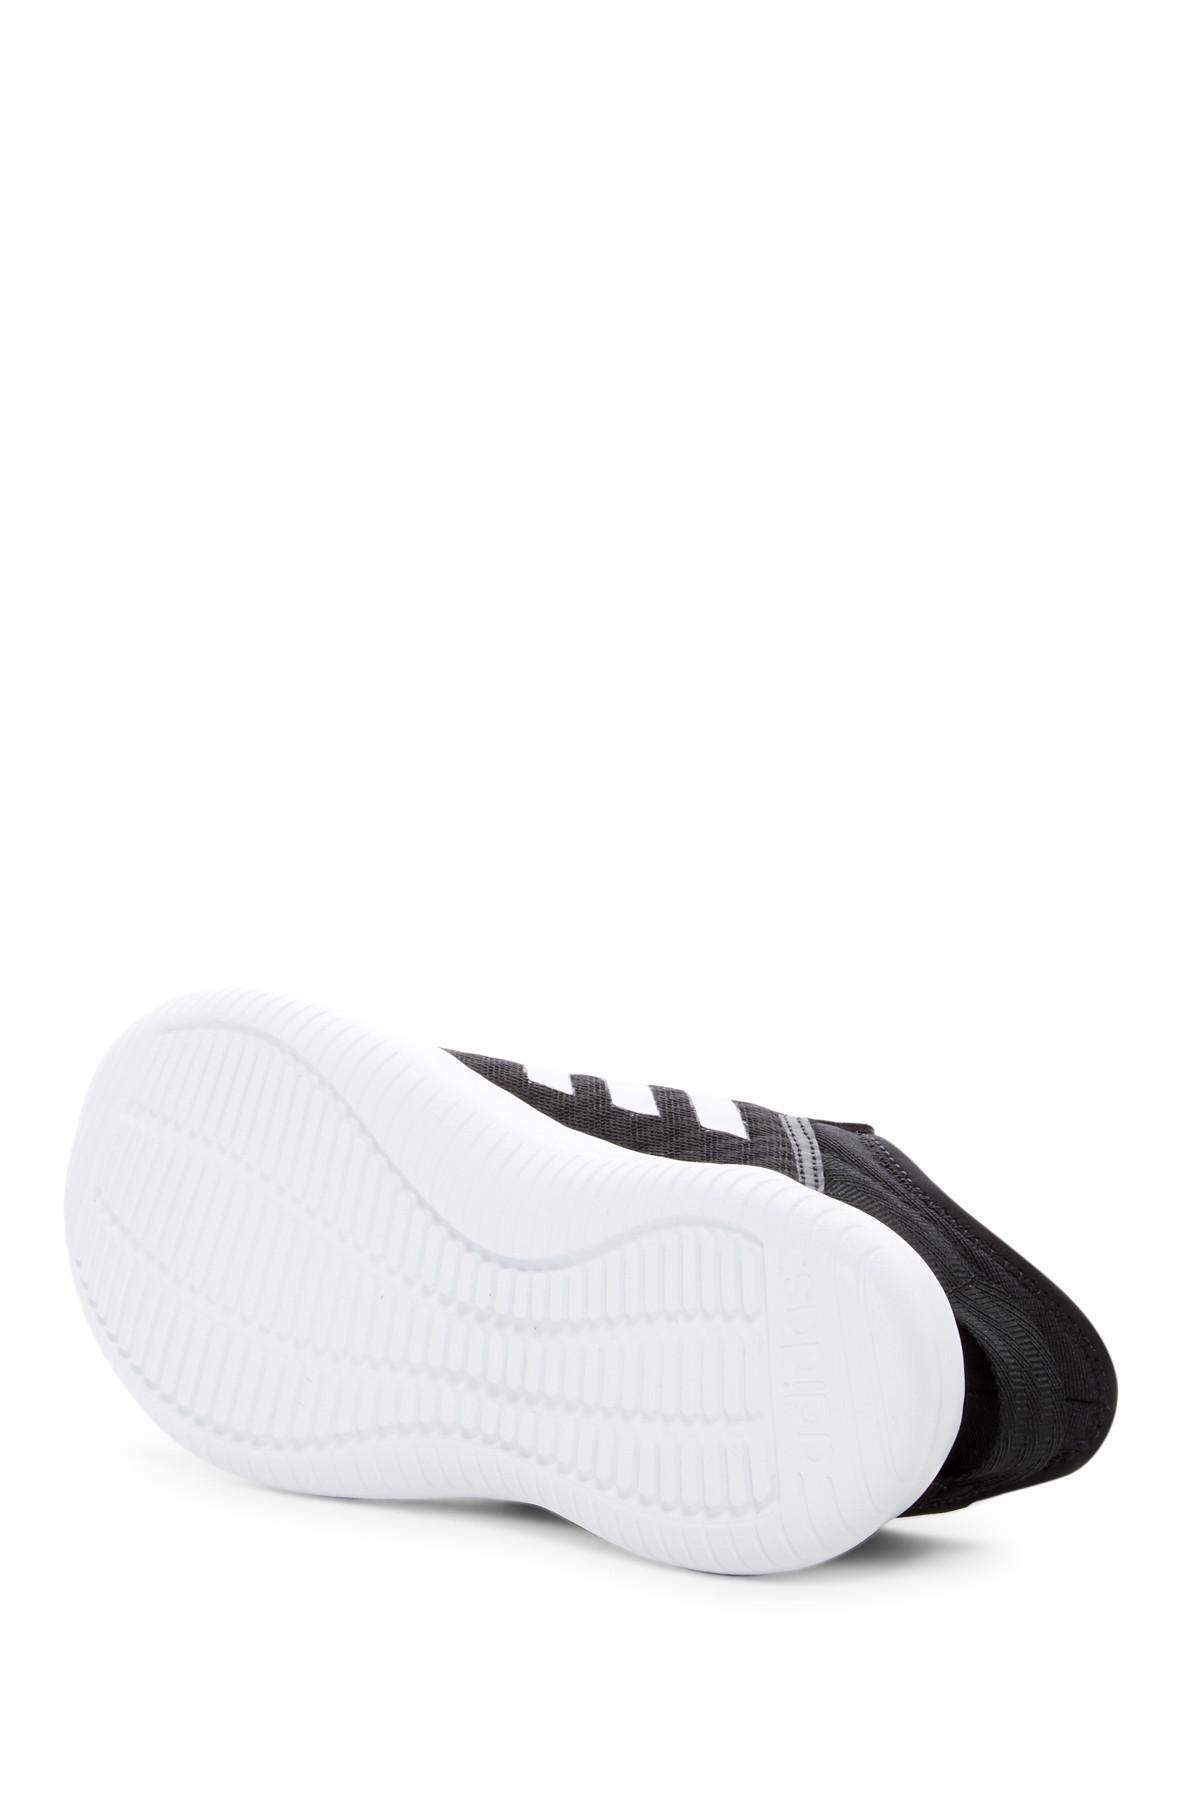 lyst adidas cloudfoam qt - flex sportliche sneaker in schwarz für männer